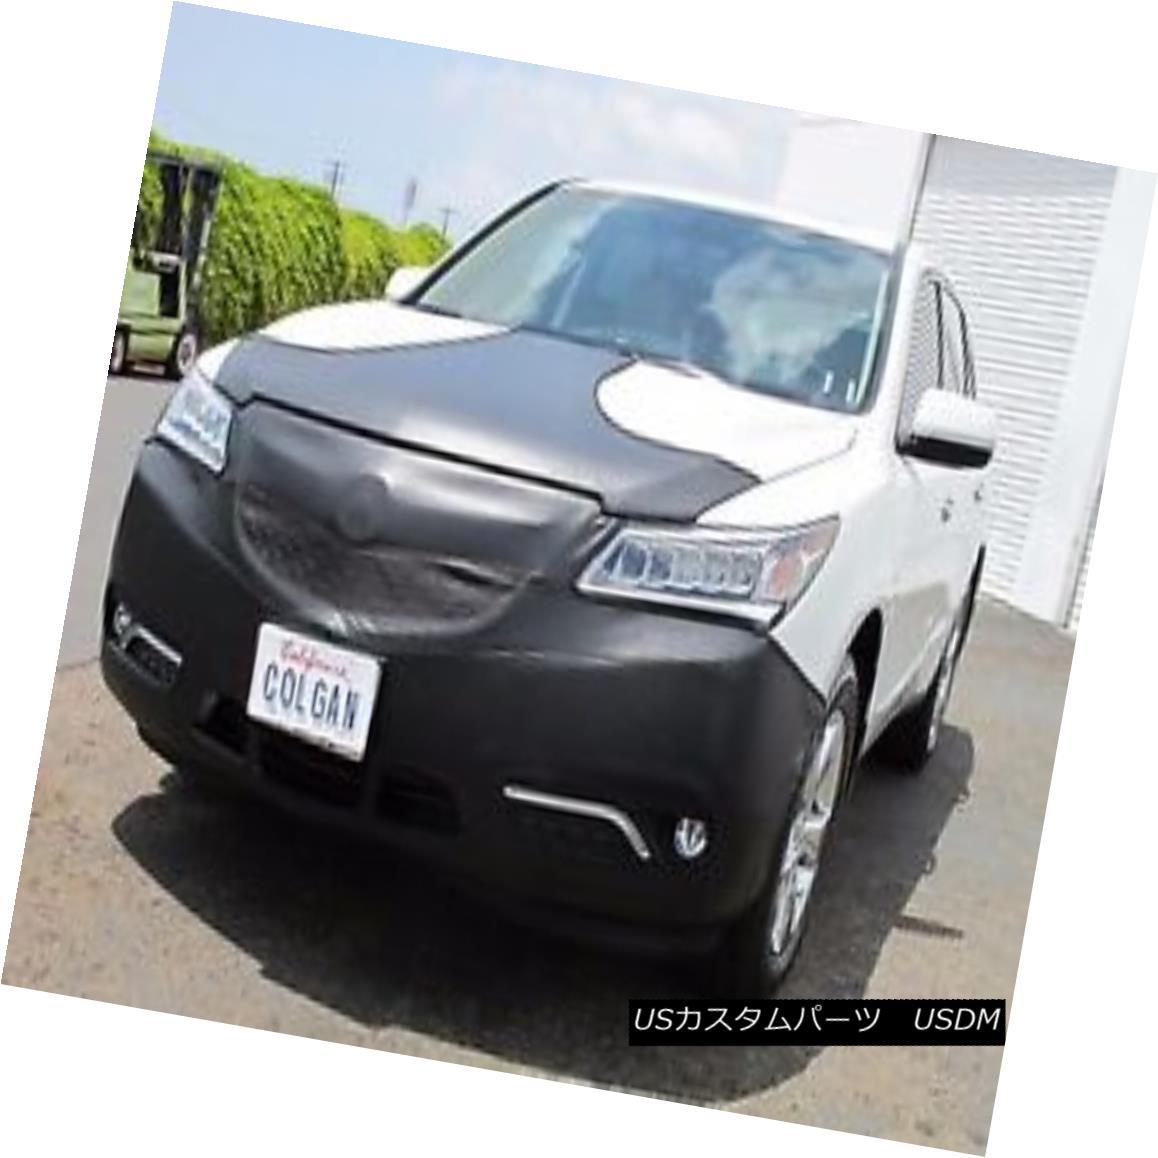 フルブラ ノーズブラ Colgan T Style Mask Bra 2pc. Fits Acura MDX SUV W/O Lic.Plate, W/Sensr 2014-2015 コルガンTスタイルマスクブラ2pc。 Acura MDX SUV W / O Lic.Plate、W / Sensr 2014-2015に適合